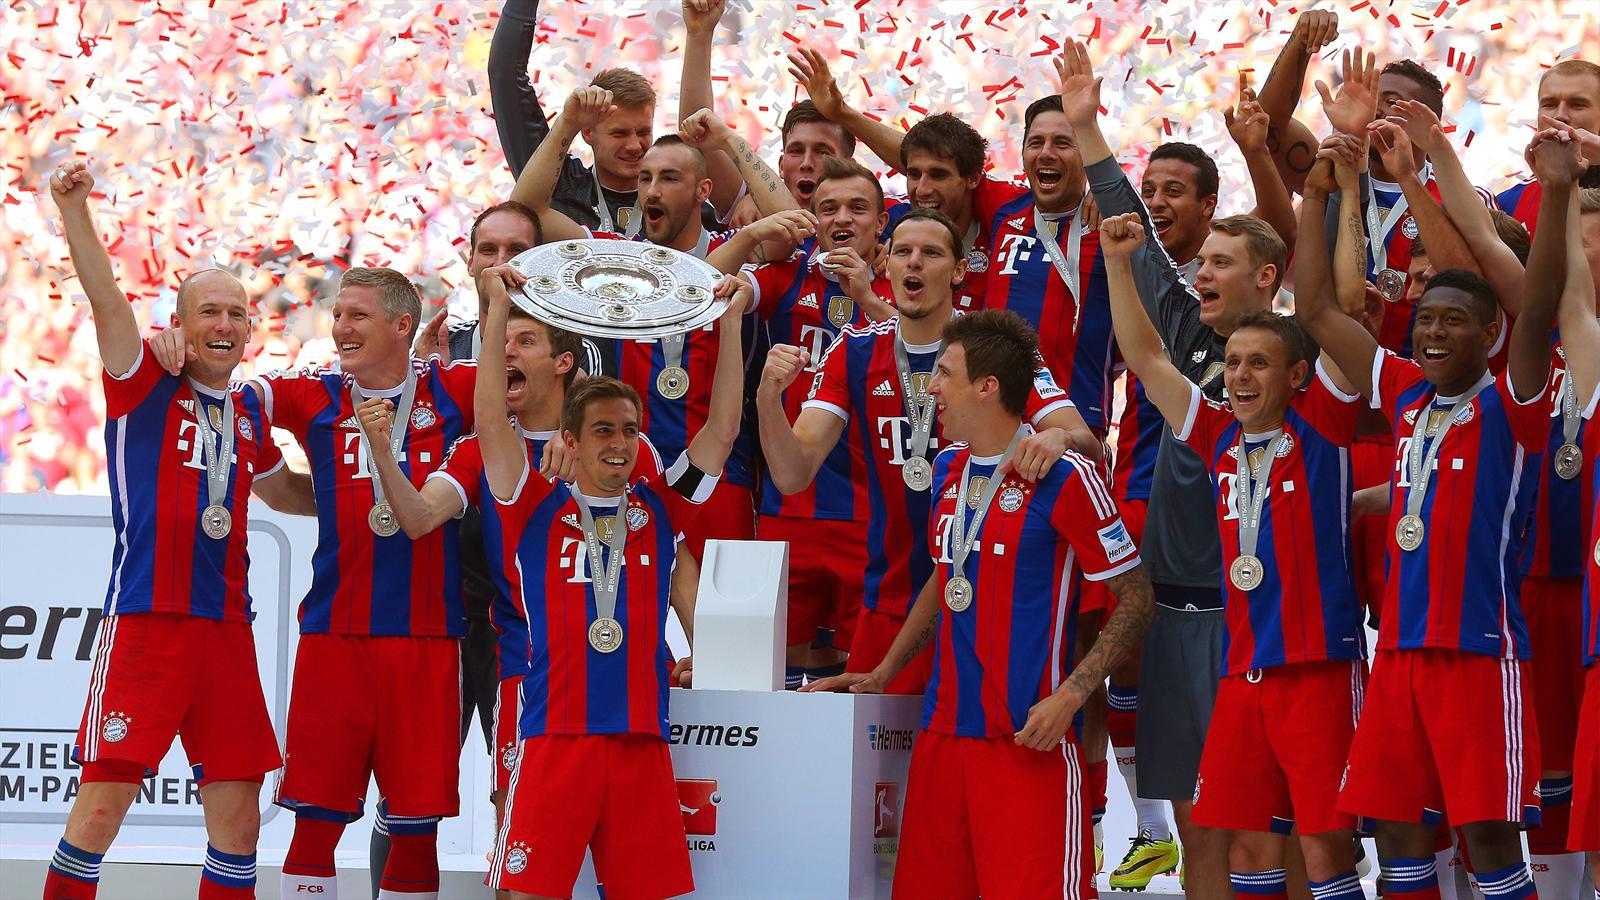 Десять вещей, которыми запомнился сезон Бундеслиги - Чемпионат Германии 2013-2014 - Футбол - Eurosport